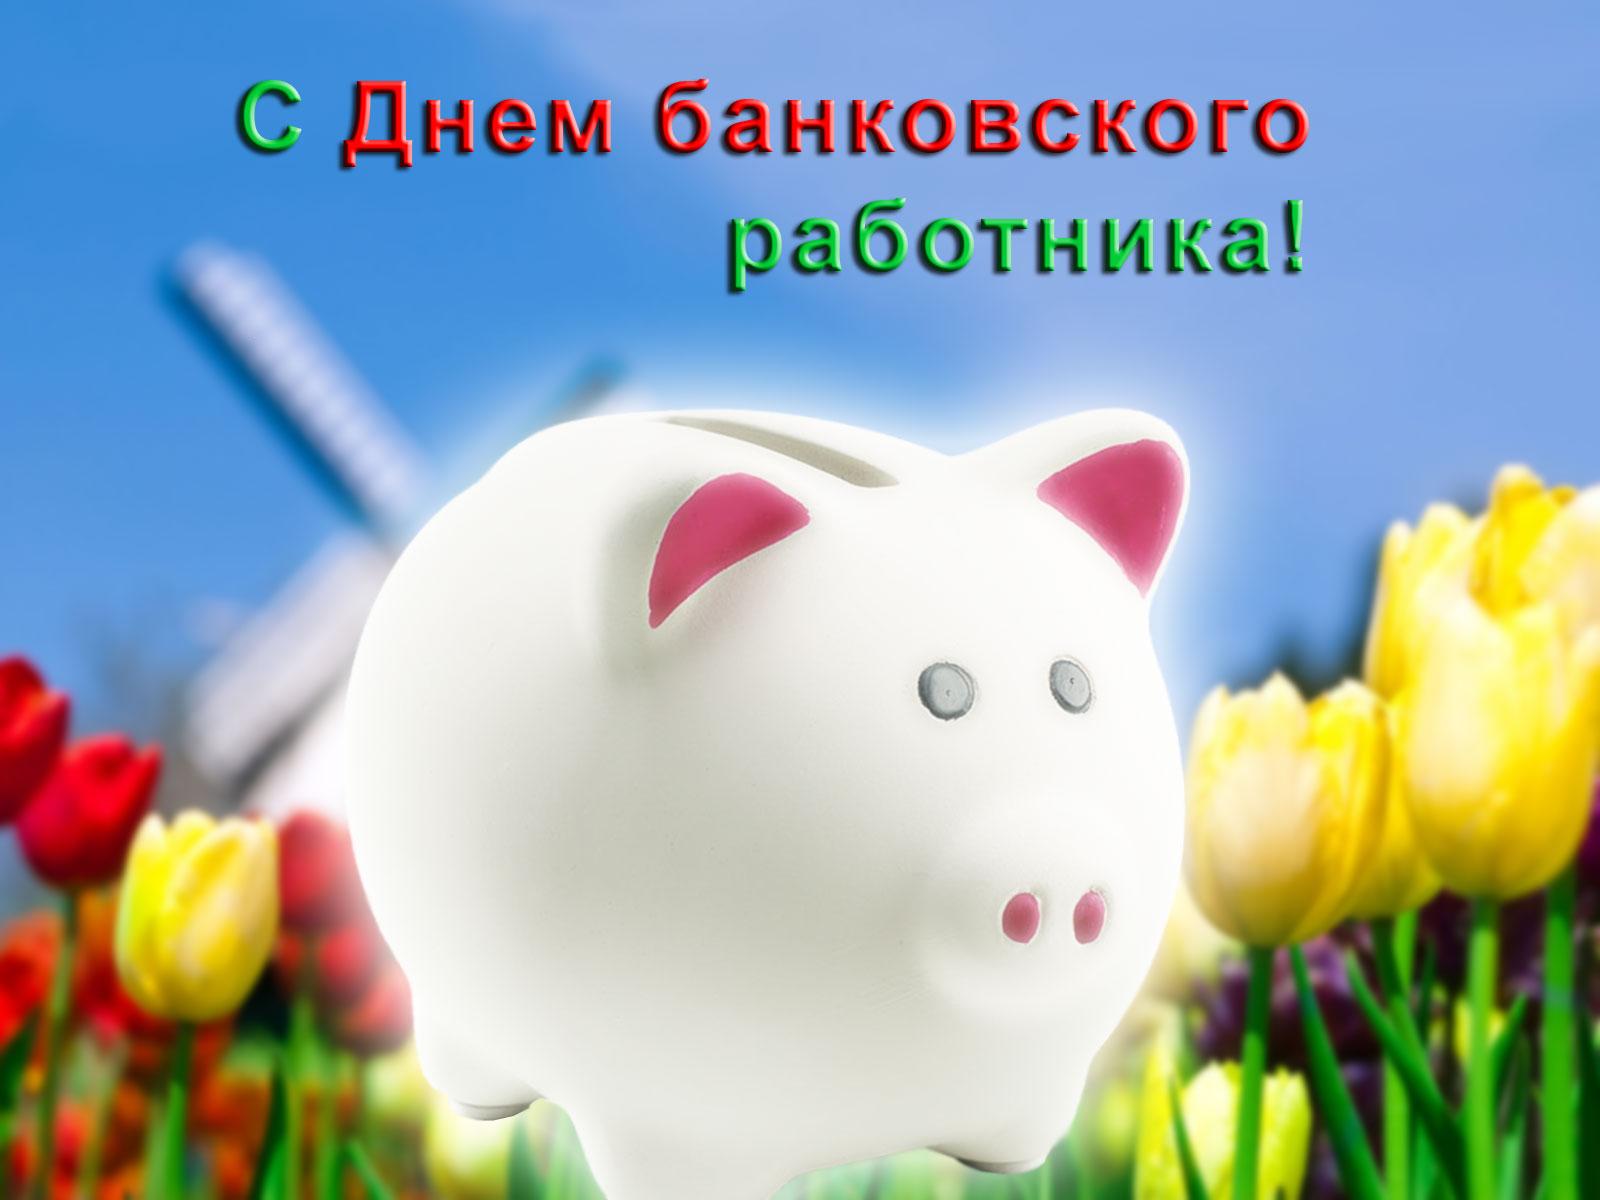 День банковского работника России картинки - Поздравления к  праздникам поздравительные картинки